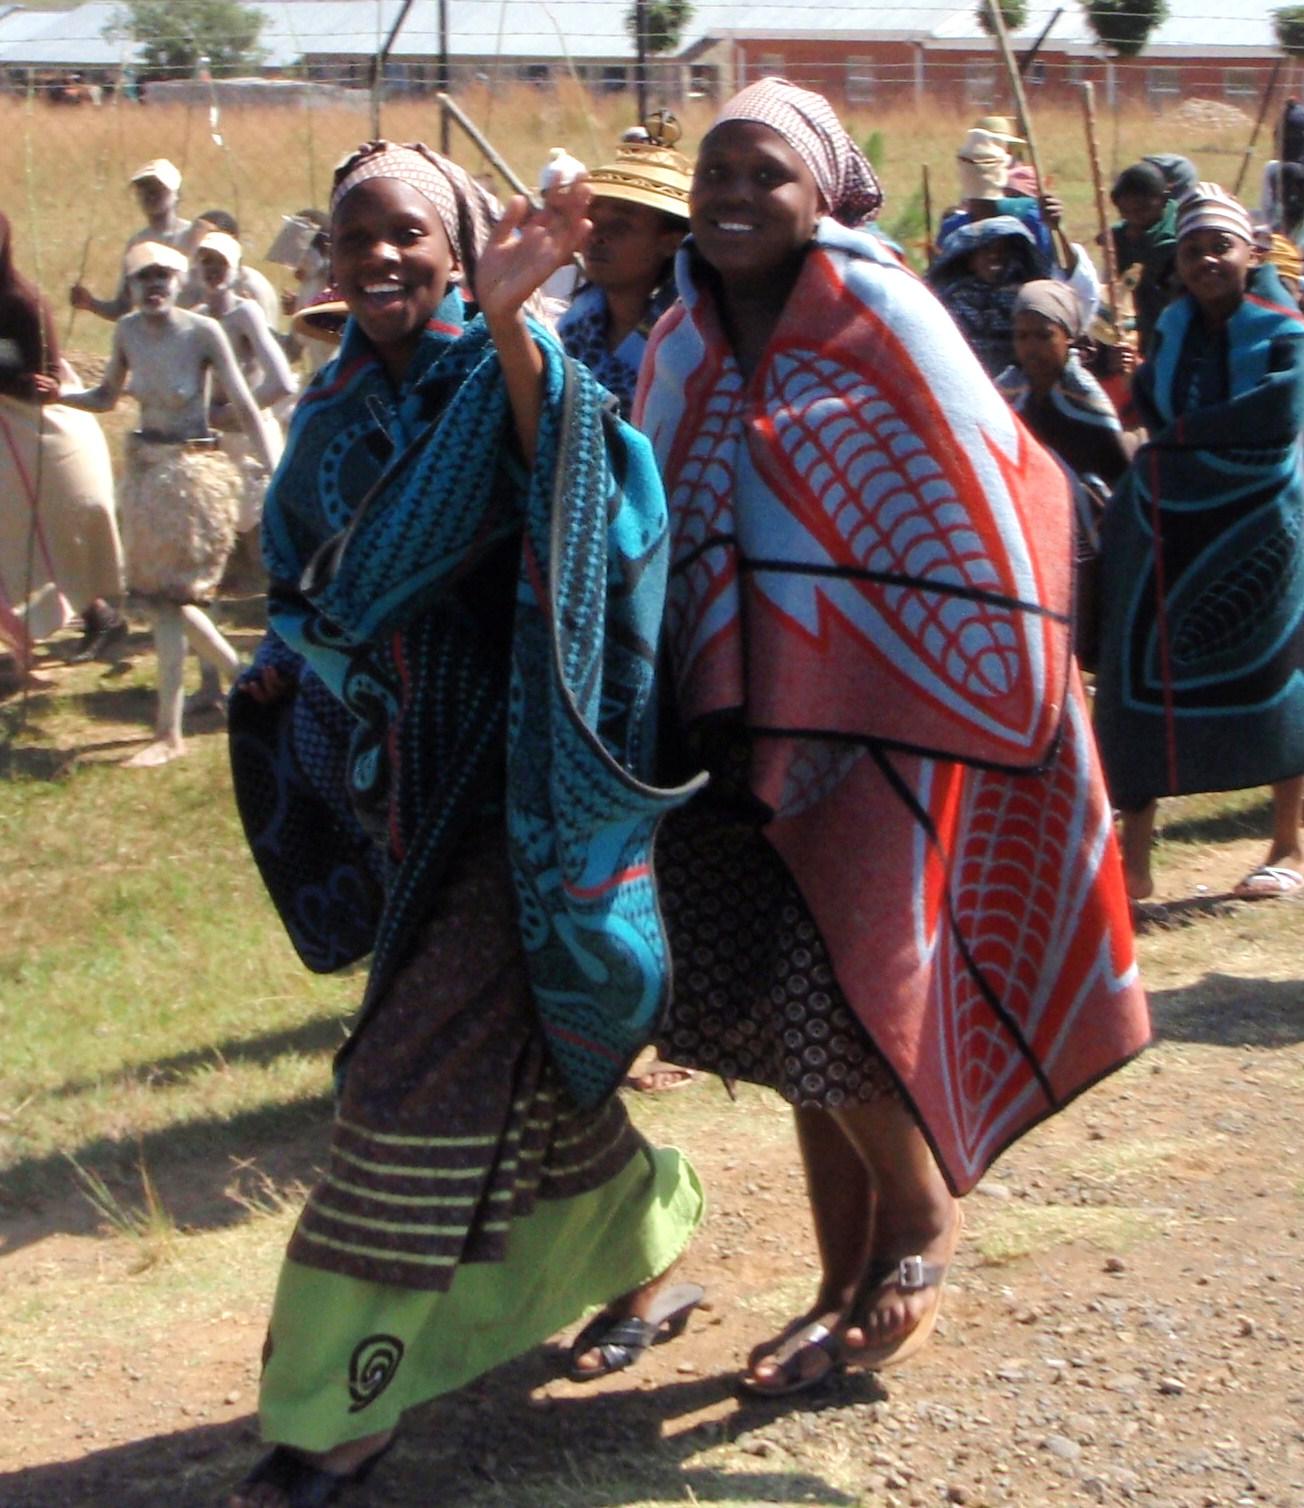 TRIP DOWN MEMORY LANE: BASOTHO PEOPLE: BANTU PEOPLE WITH